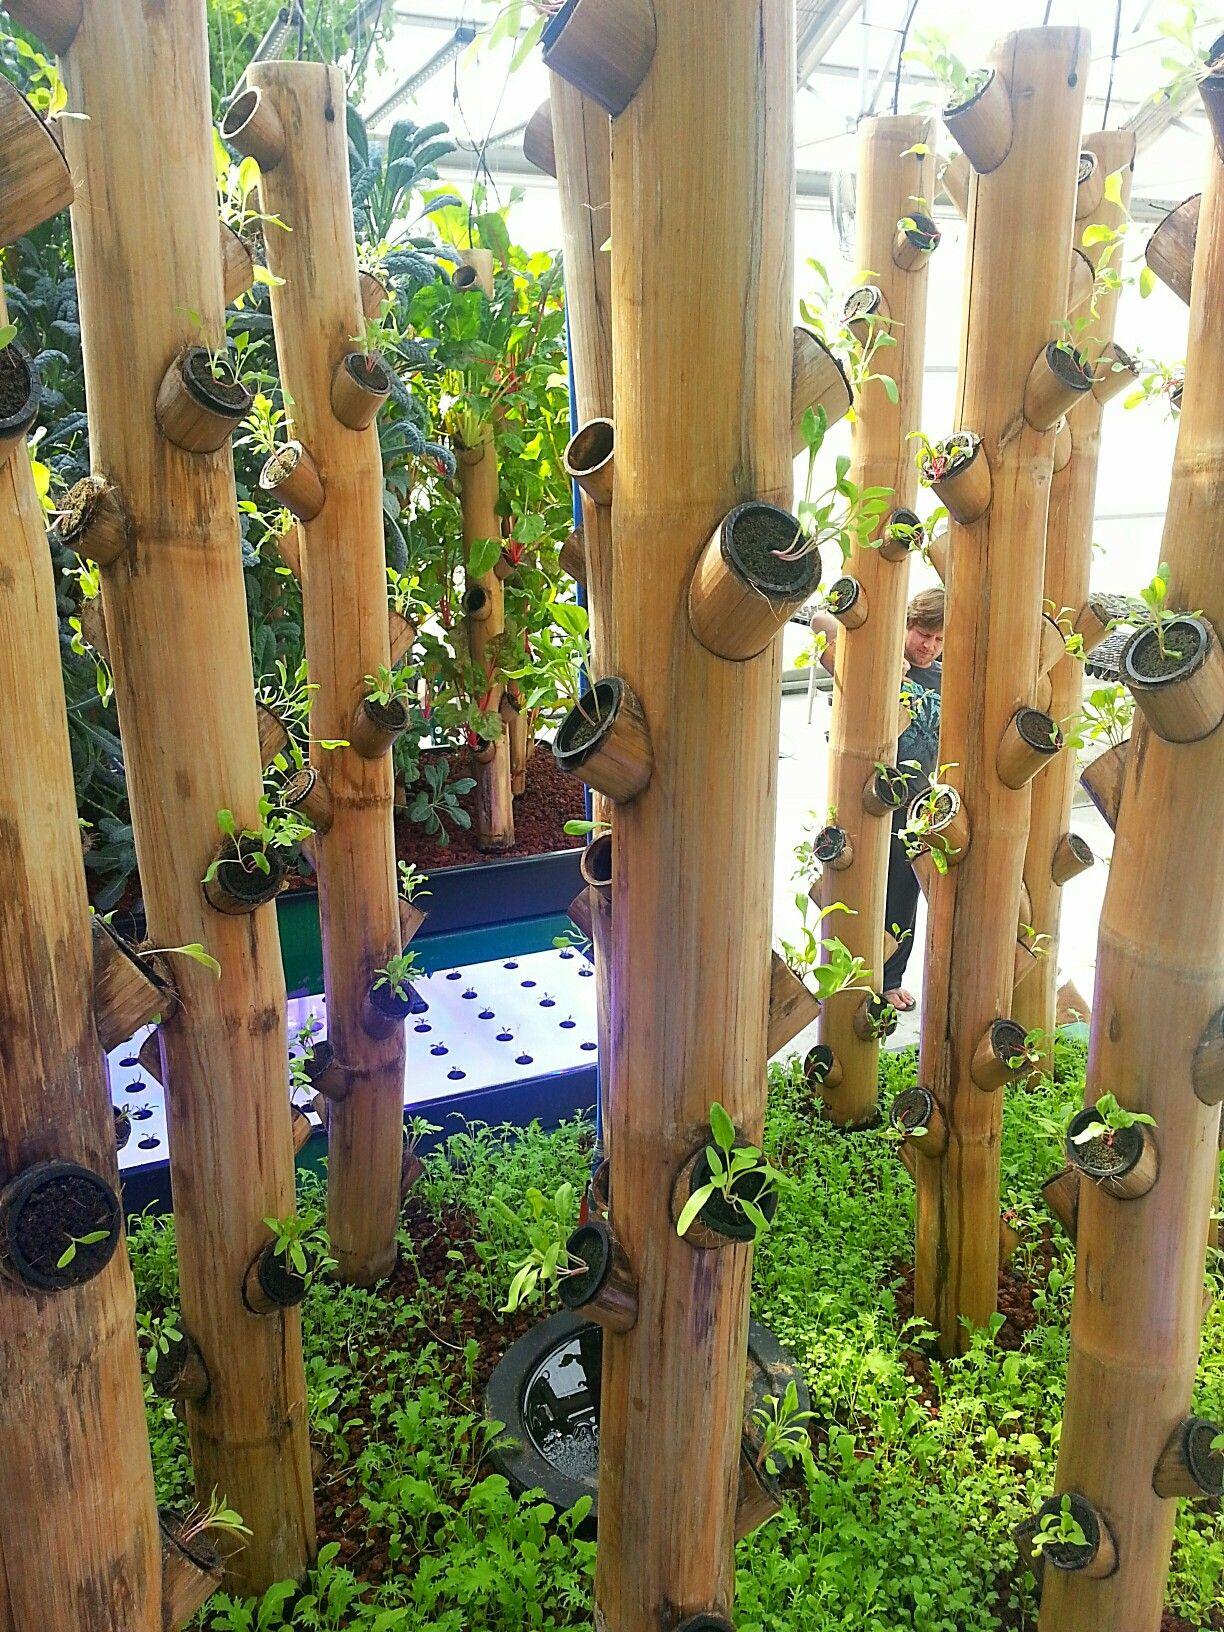 Newly Planted Bamboo Vertical Garden Vertical Garden Diy 400 x 300